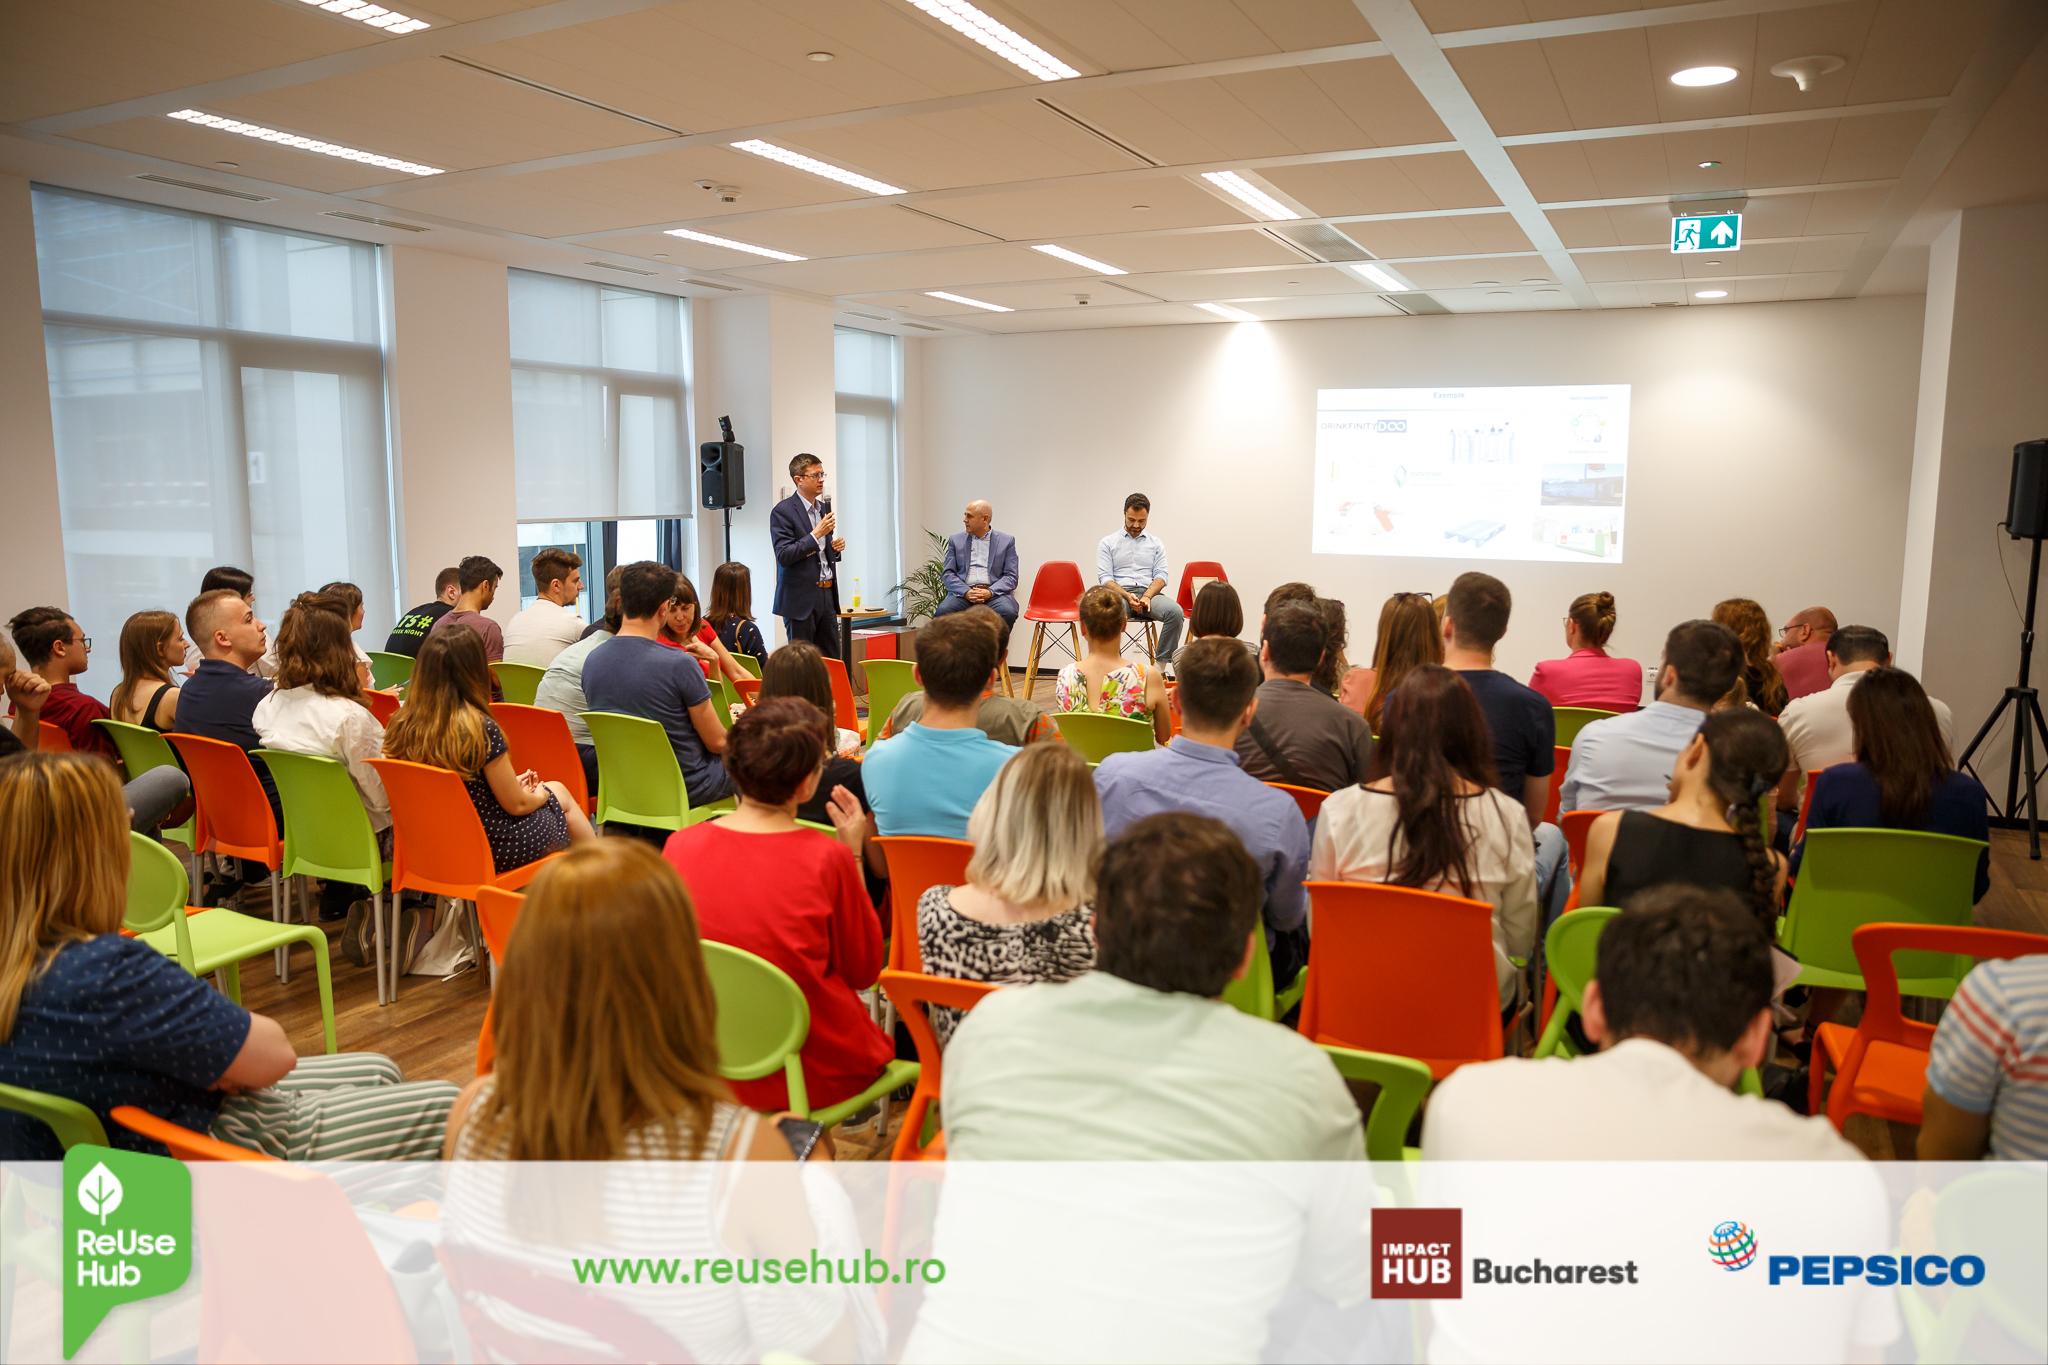 Soluții inovatoare în domeniul reciclării  prin programul ReUse Hub